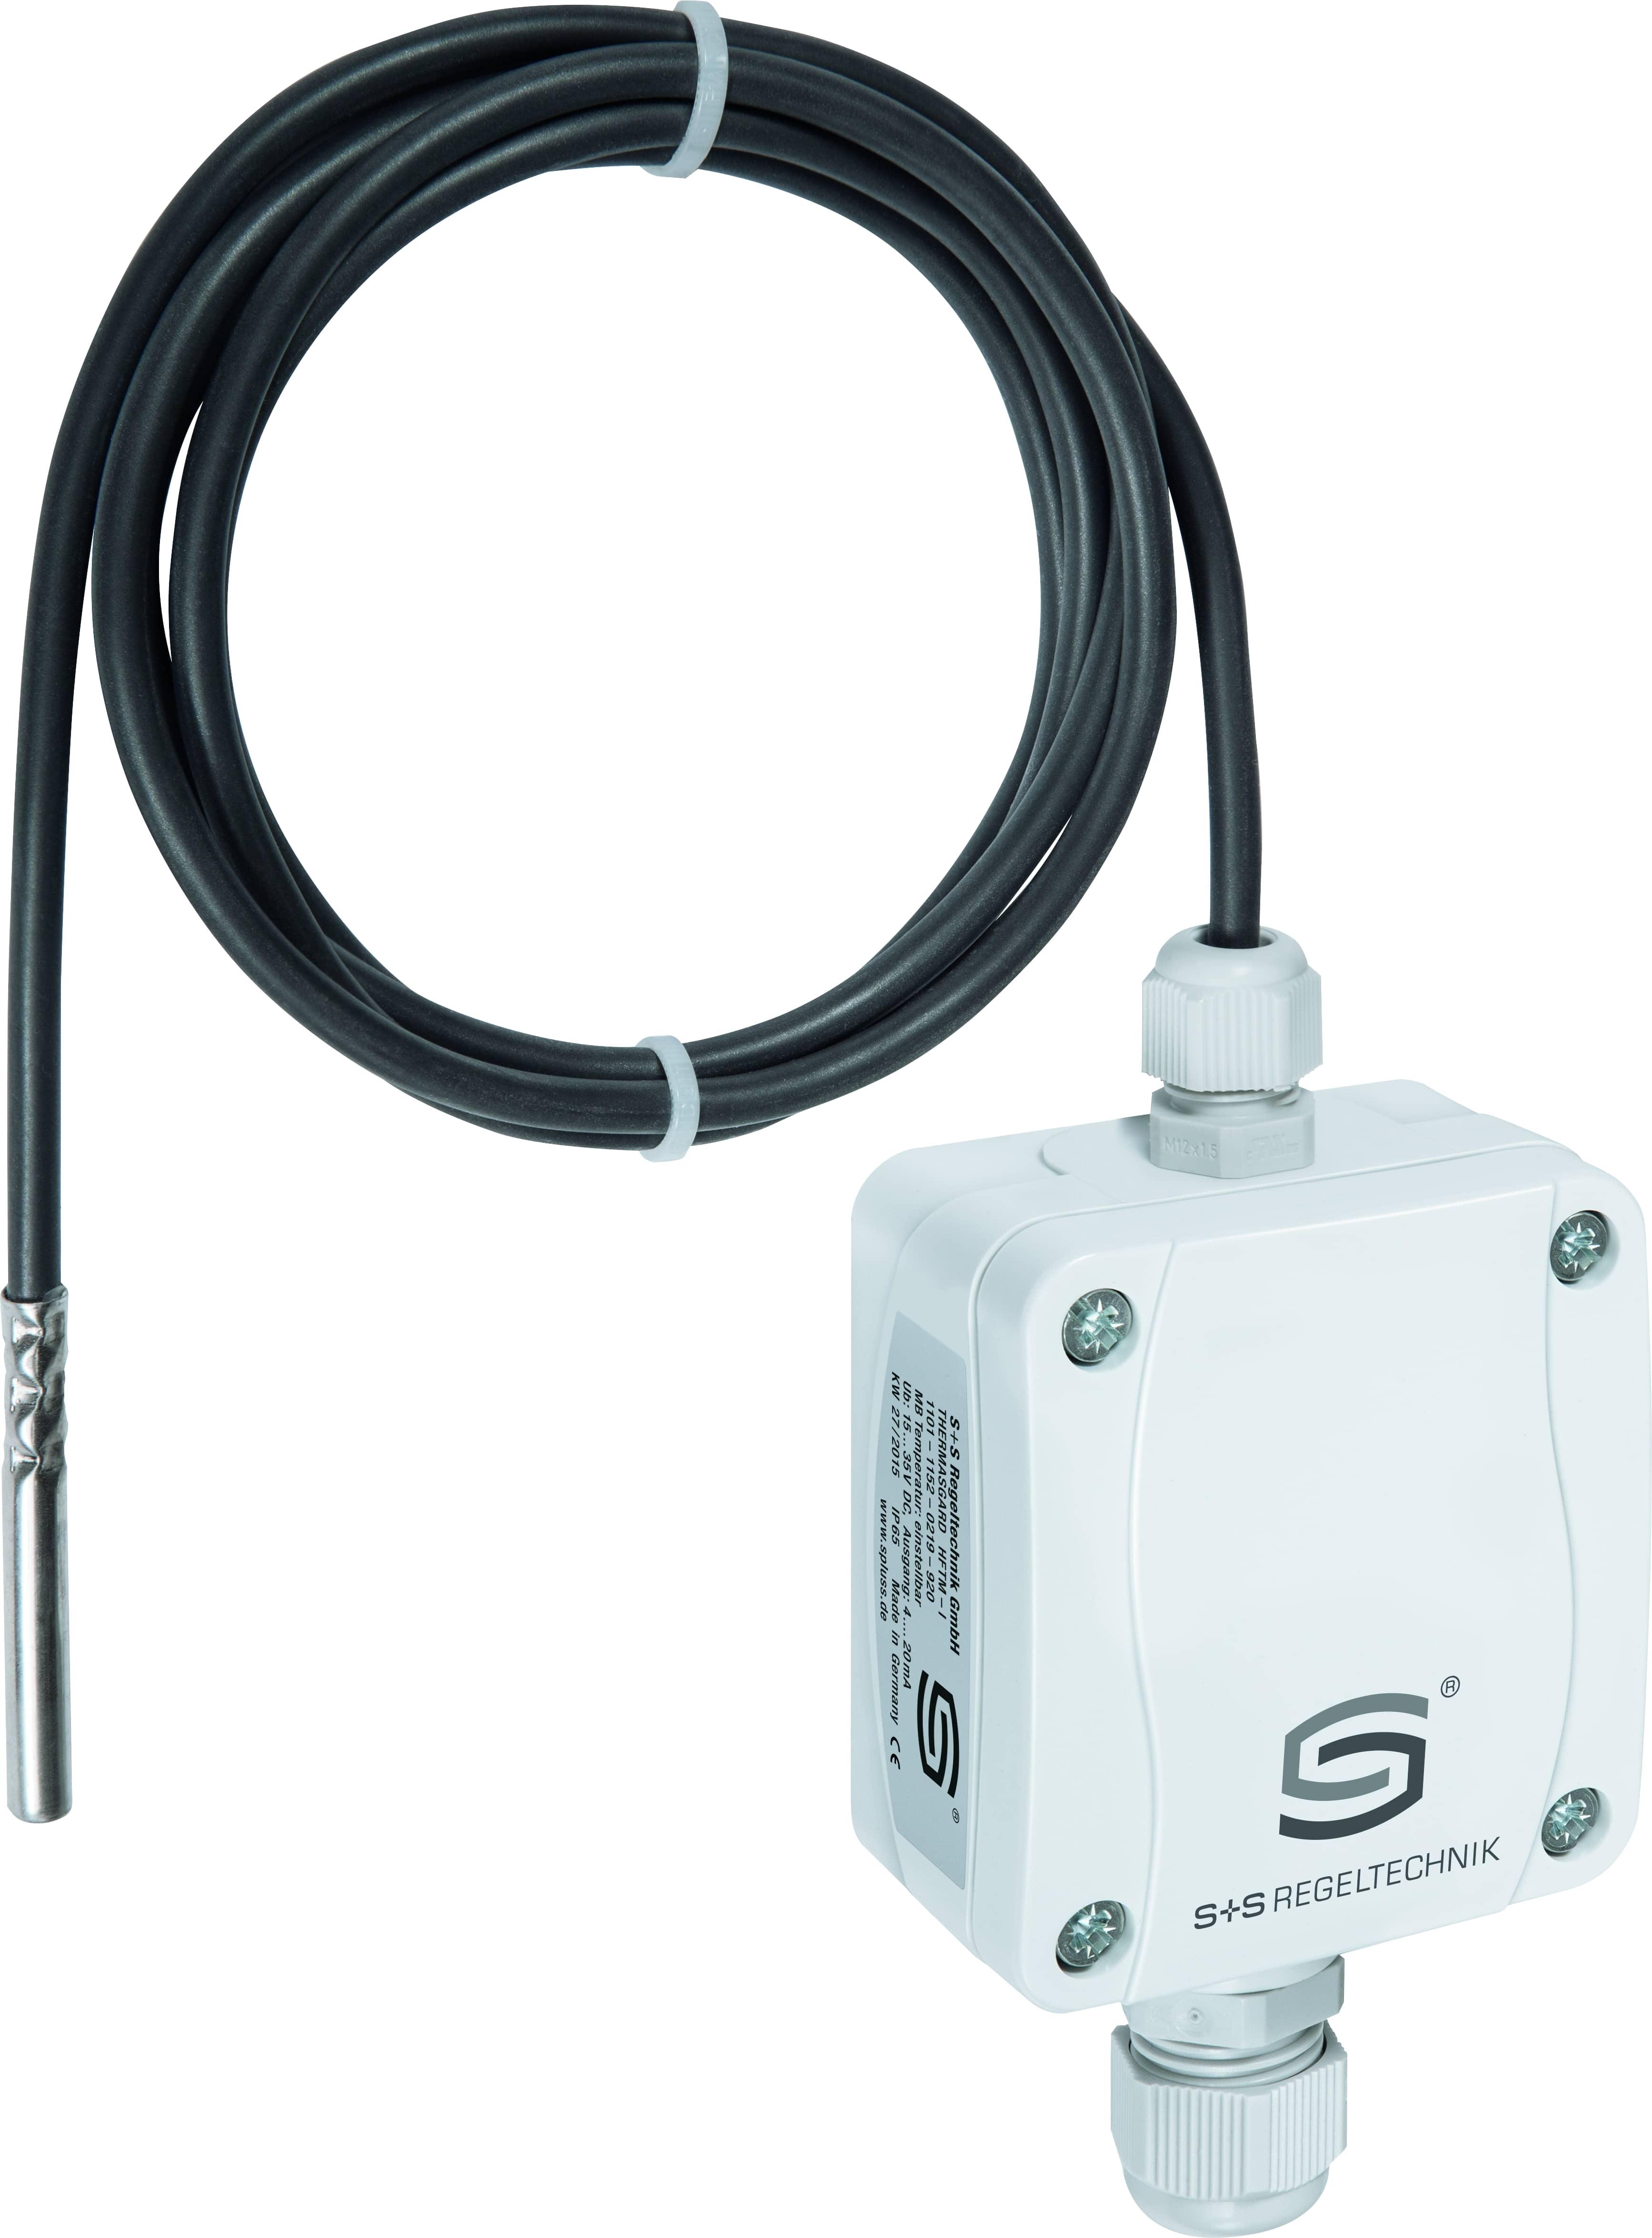 capteur sonde de temp rature chemis cable convertisseur d port. Black Bedroom Furniture Sets. Home Design Ideas